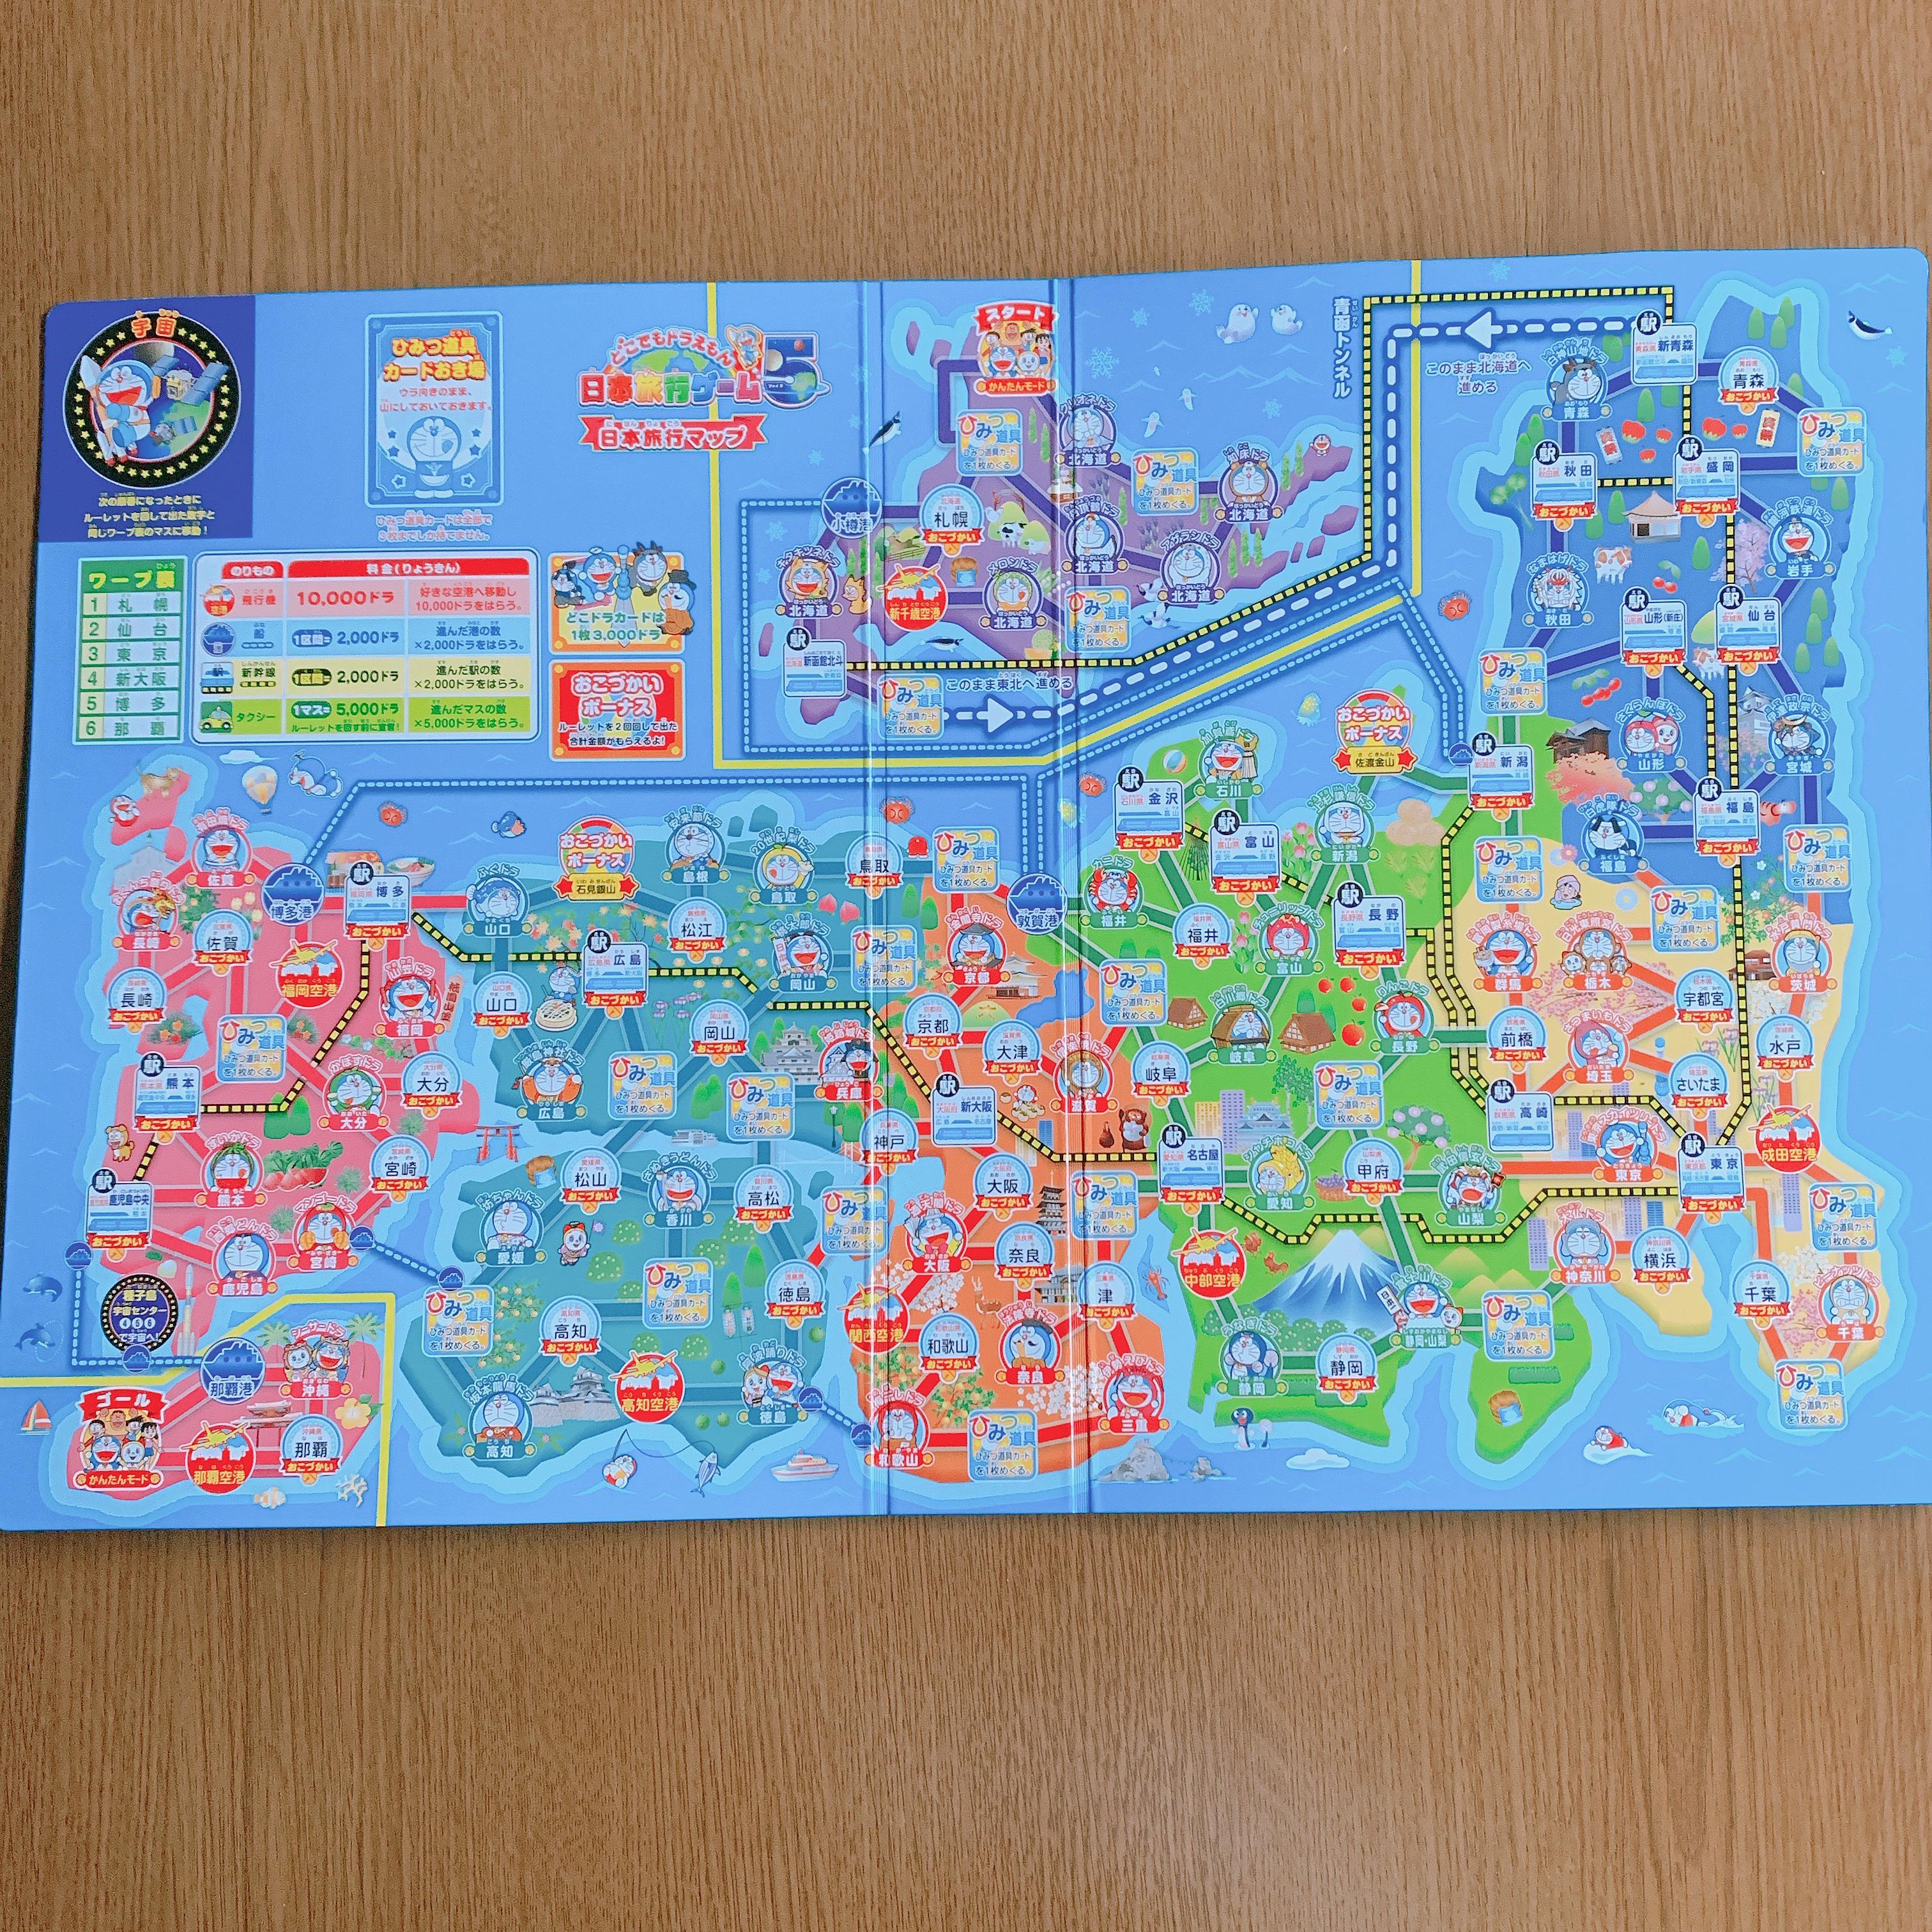 img 1585 1 - ボードゲーム「どこでもドラえもん日本旅行ゲーム」をやってみた